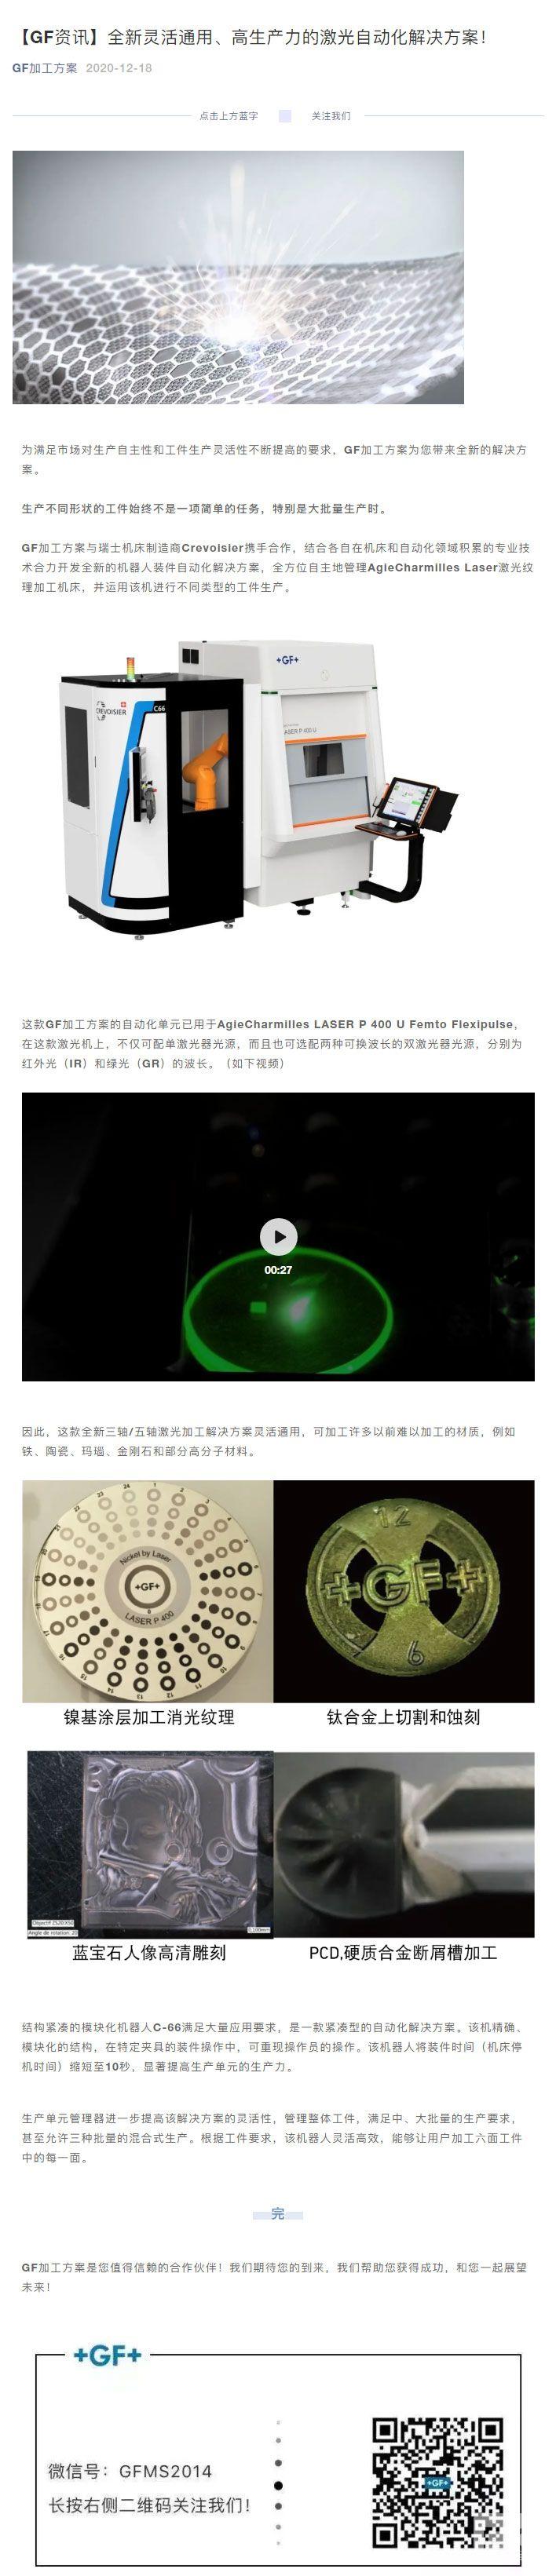 全新灵活通用、高生产力的激光自动化解决方案!